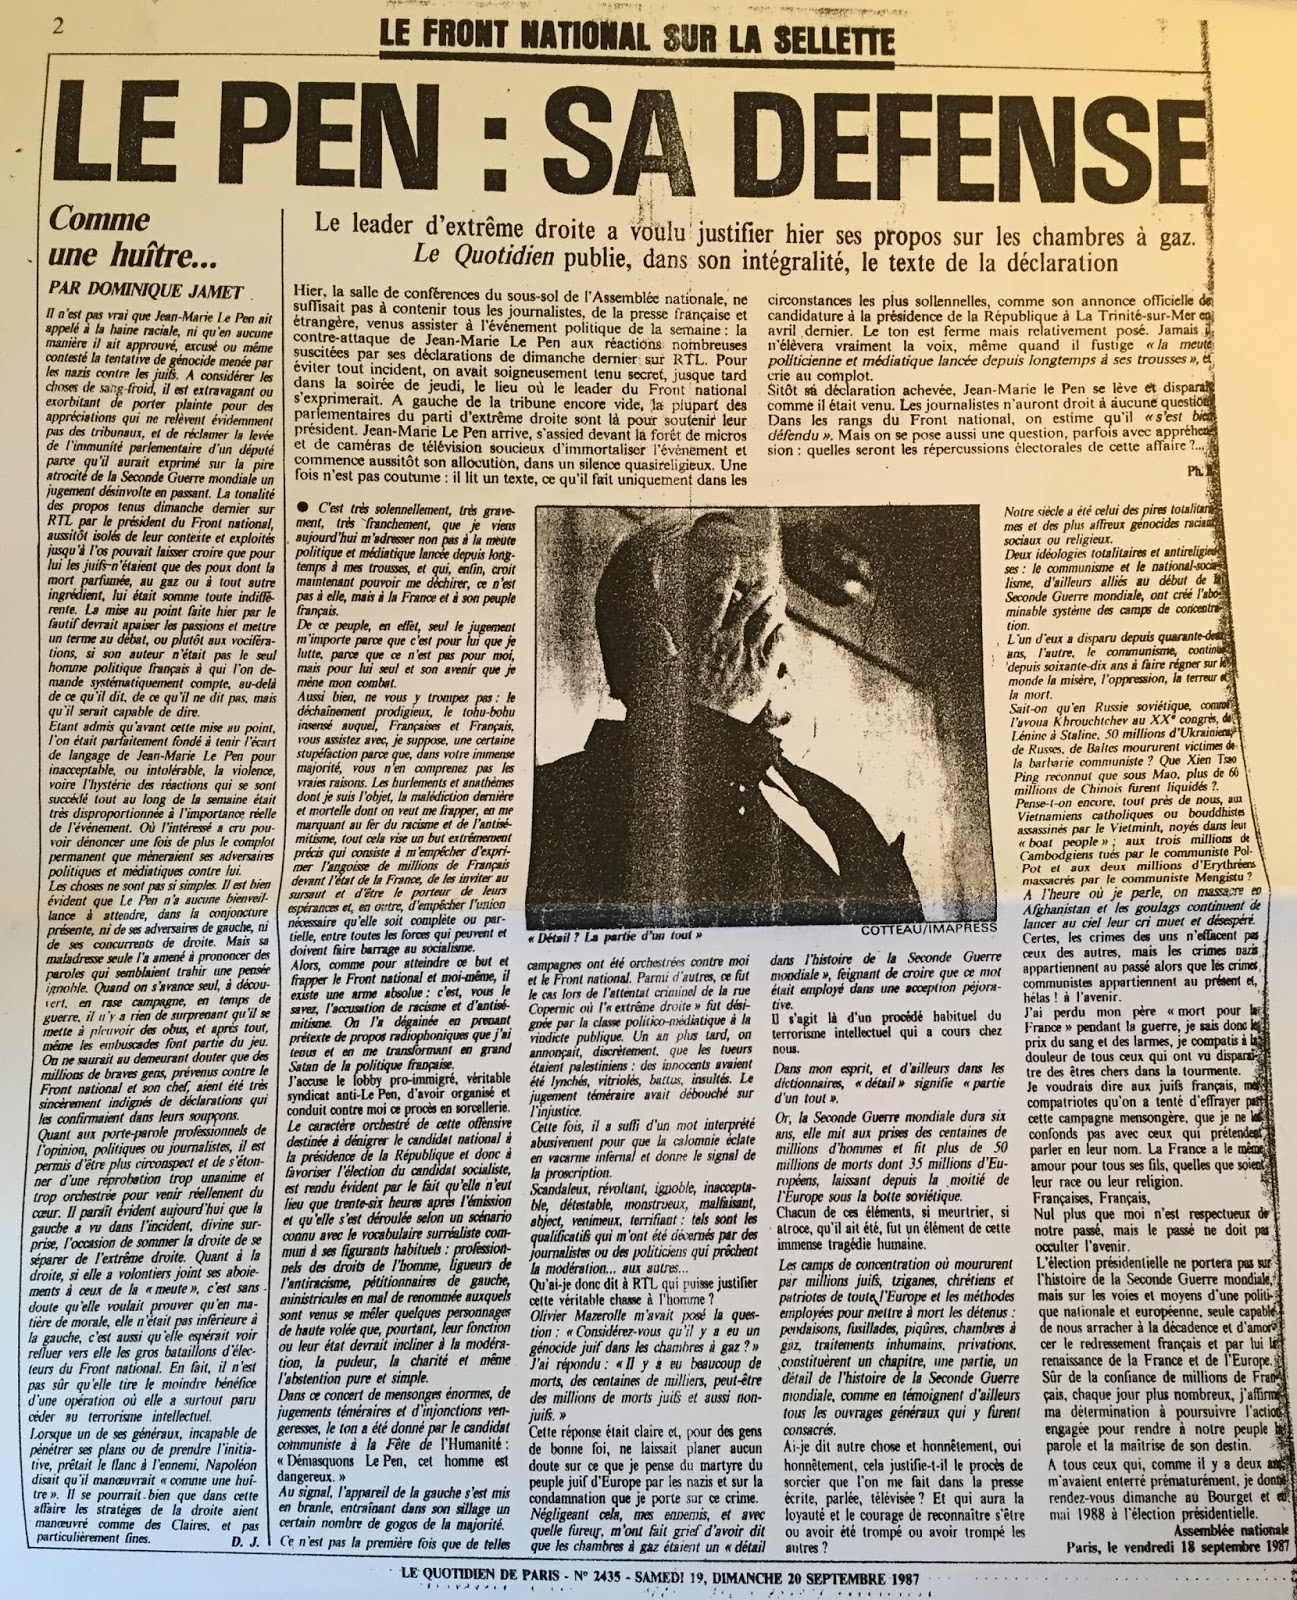 « Déclaration de Jean-Marie Le Pen du 18 septembre 1987 retranscrite dans le Quotidien de Paris ».